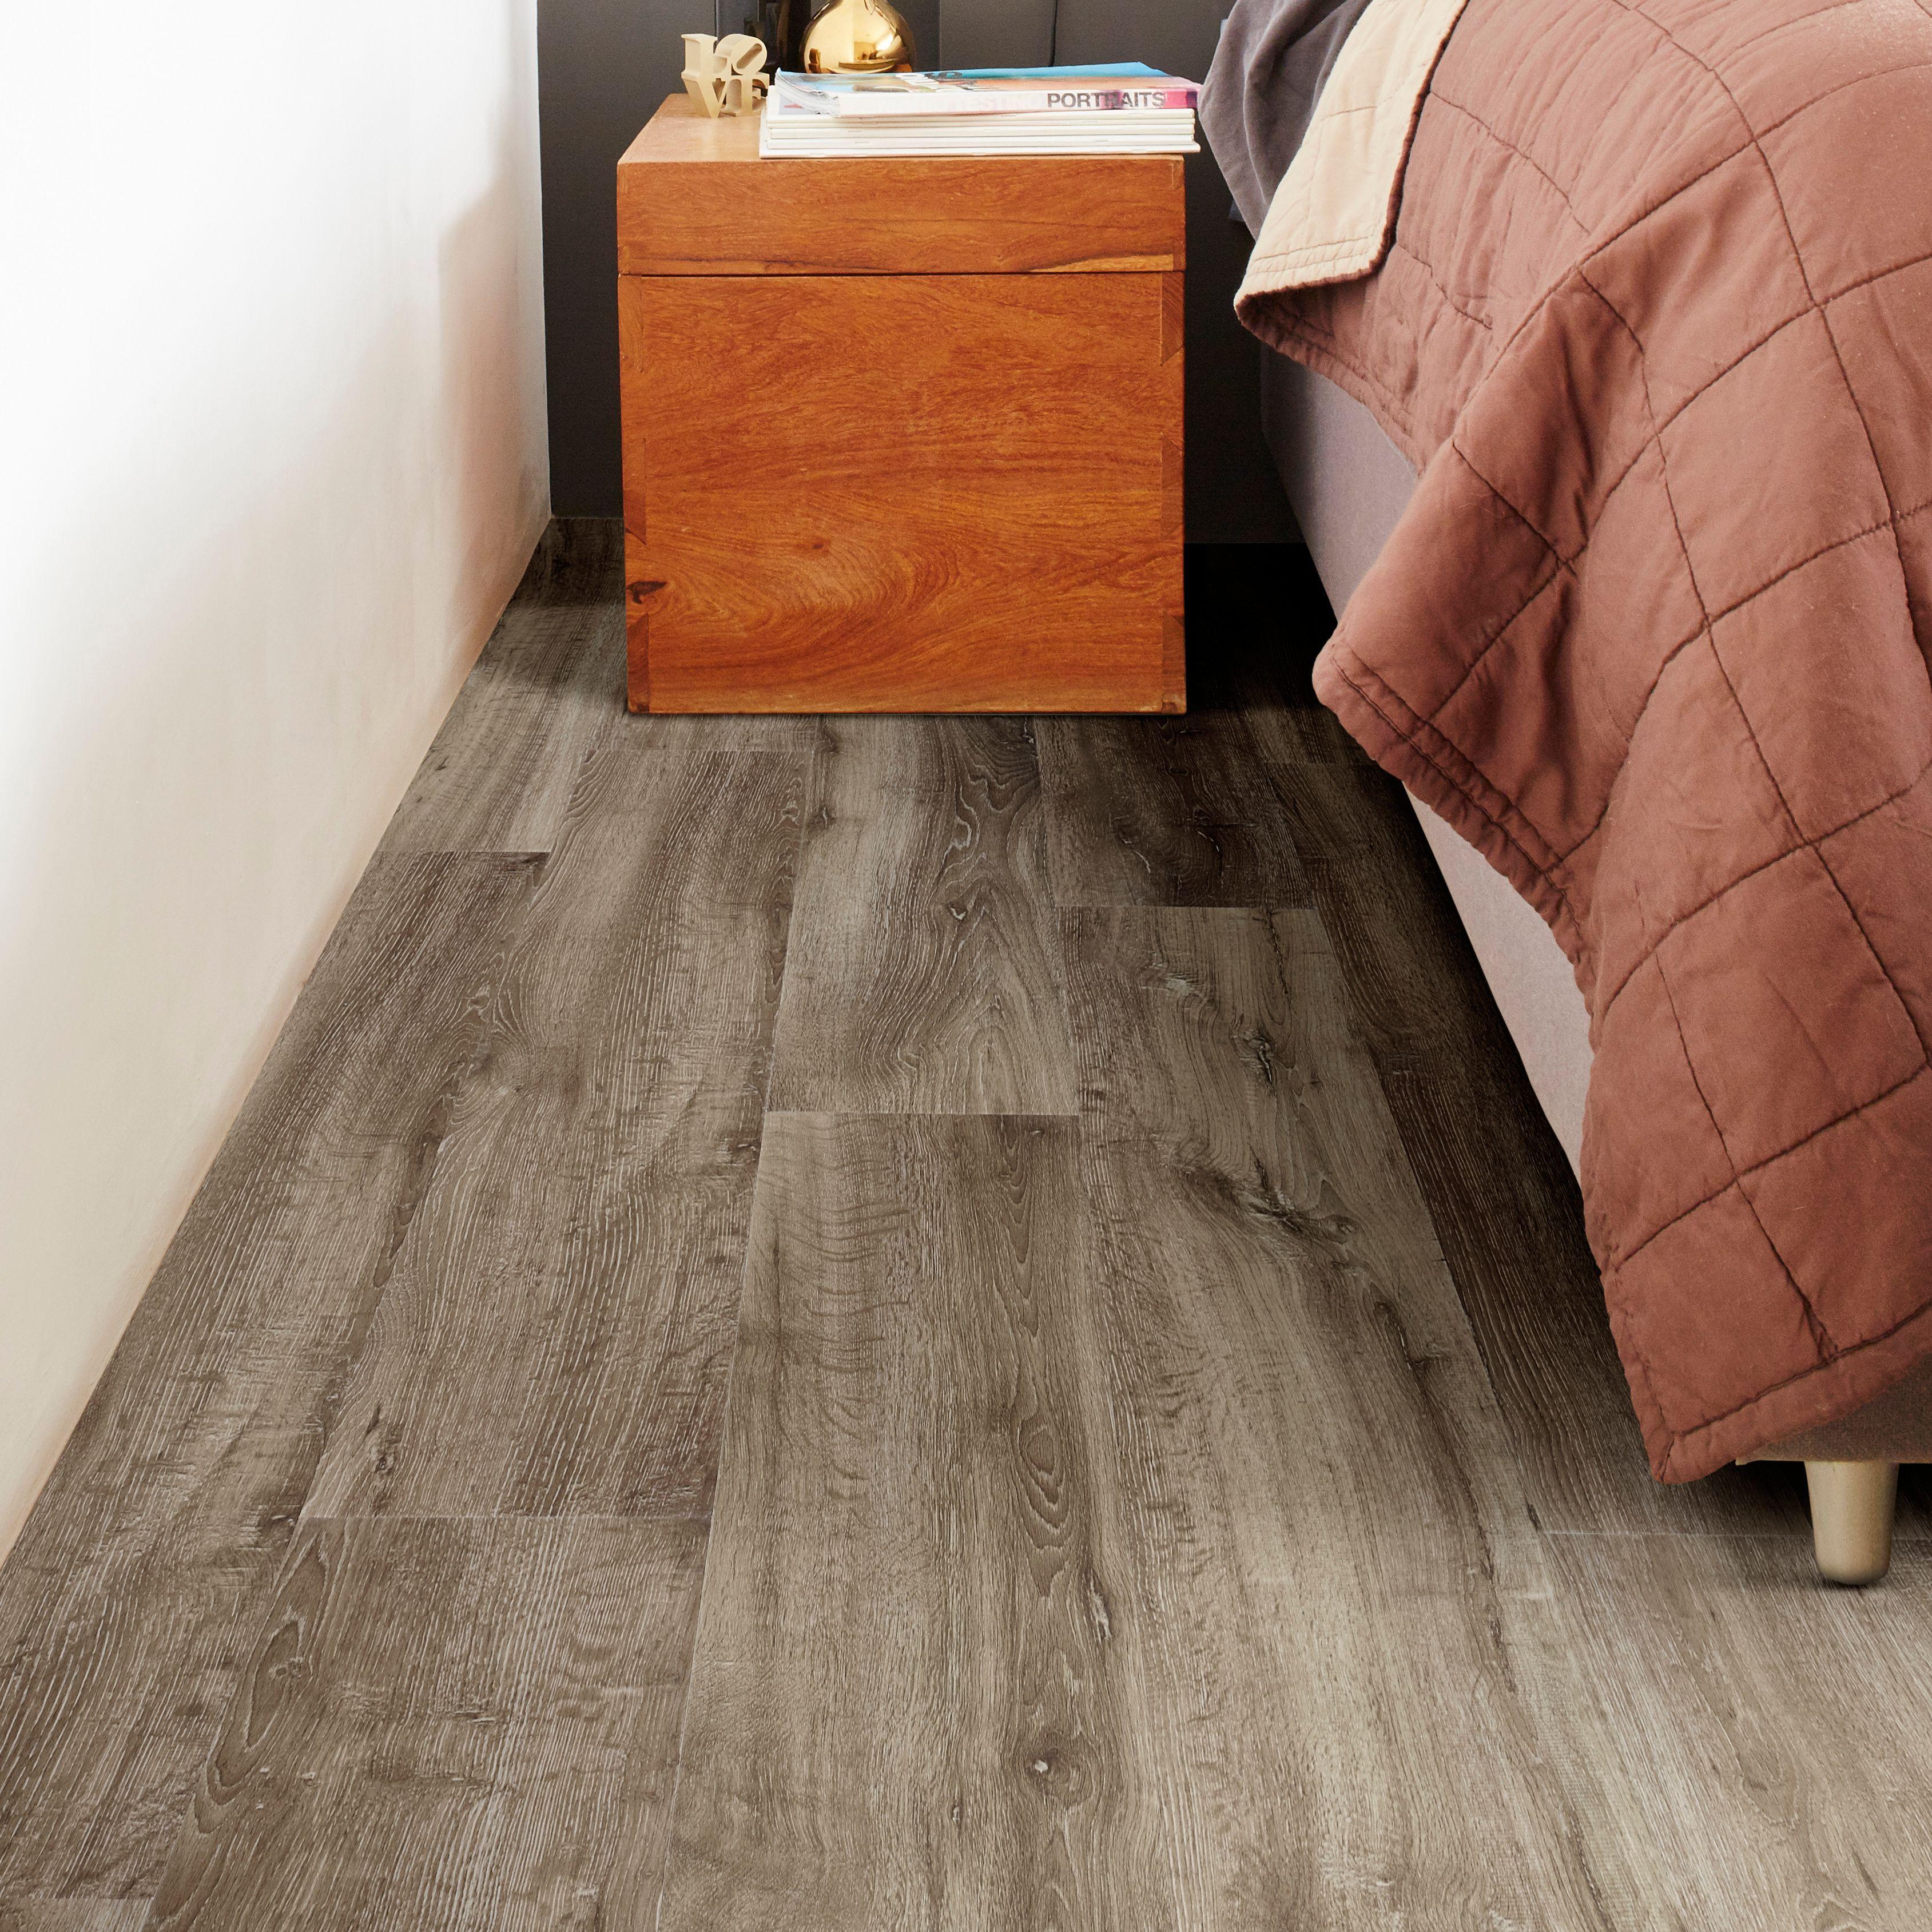 Lime Oak Waterproof Luxury Vinyl Click Flooring 2.16 m²